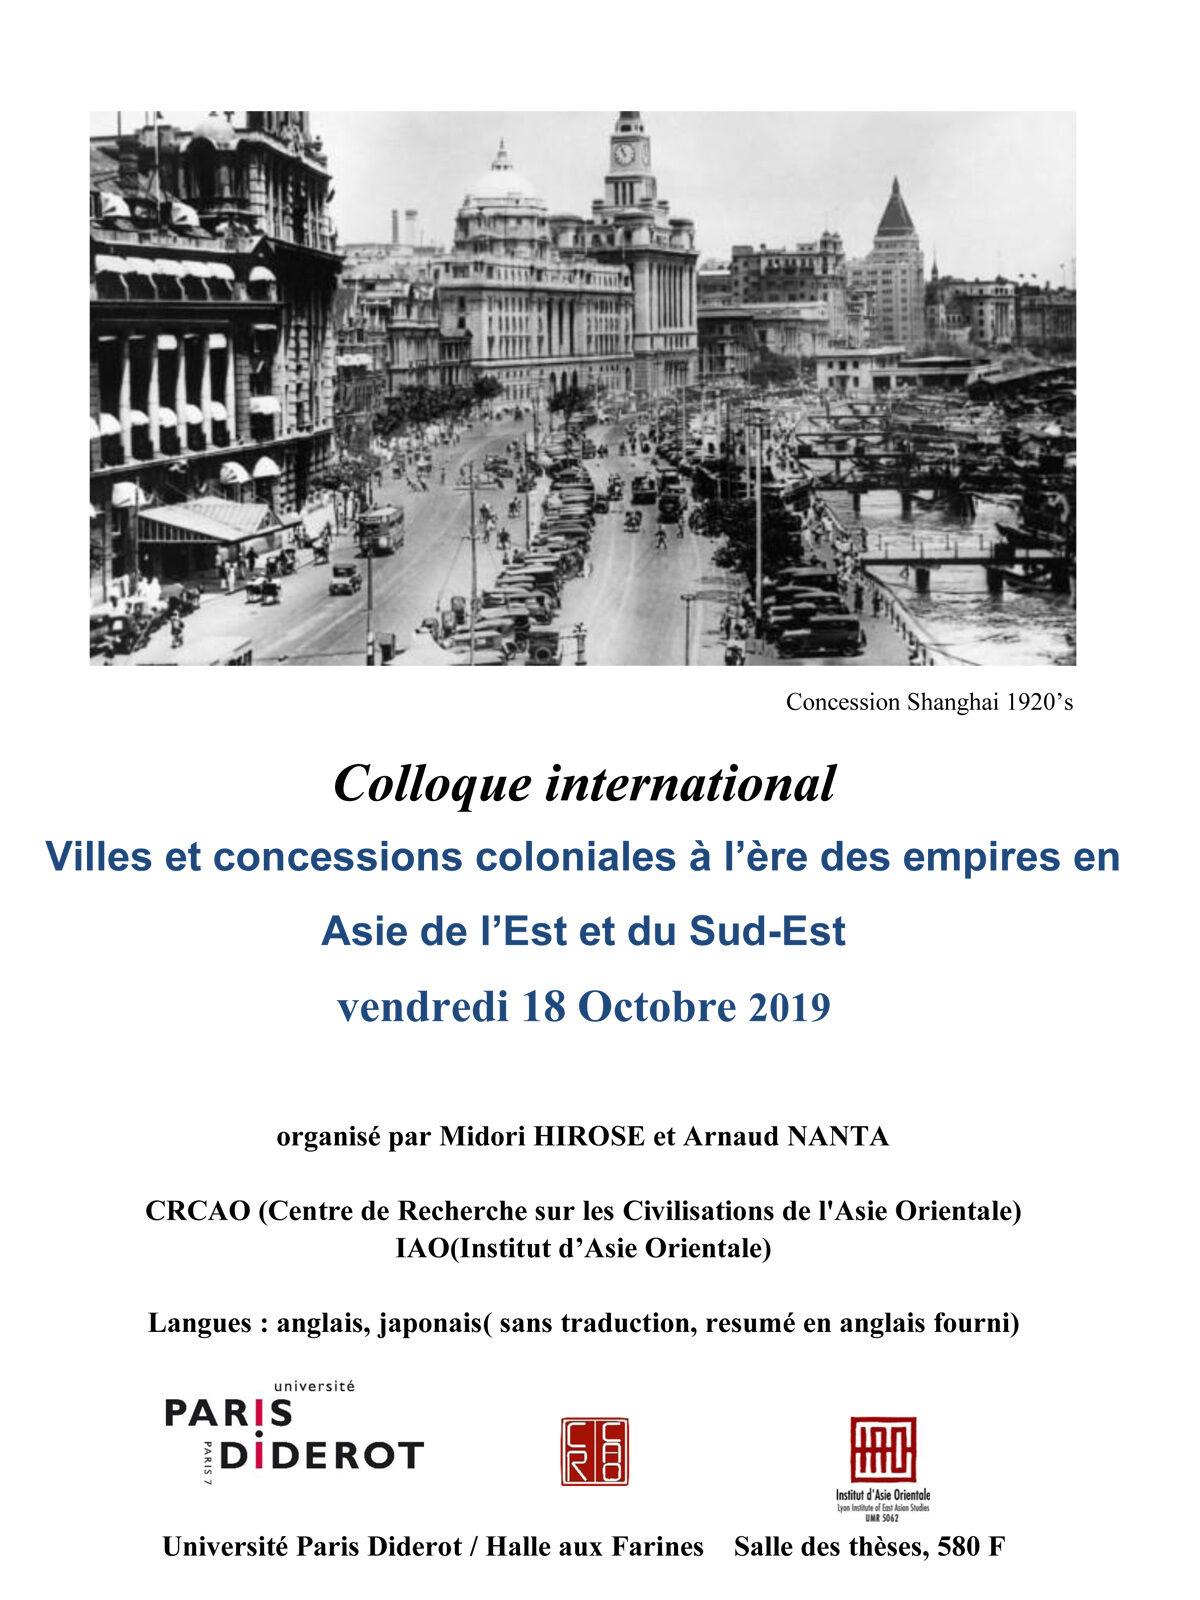 Colloque international. Villes et concessions coloniales à l'ère des empires en Asie de l'Est et du Sud-Est